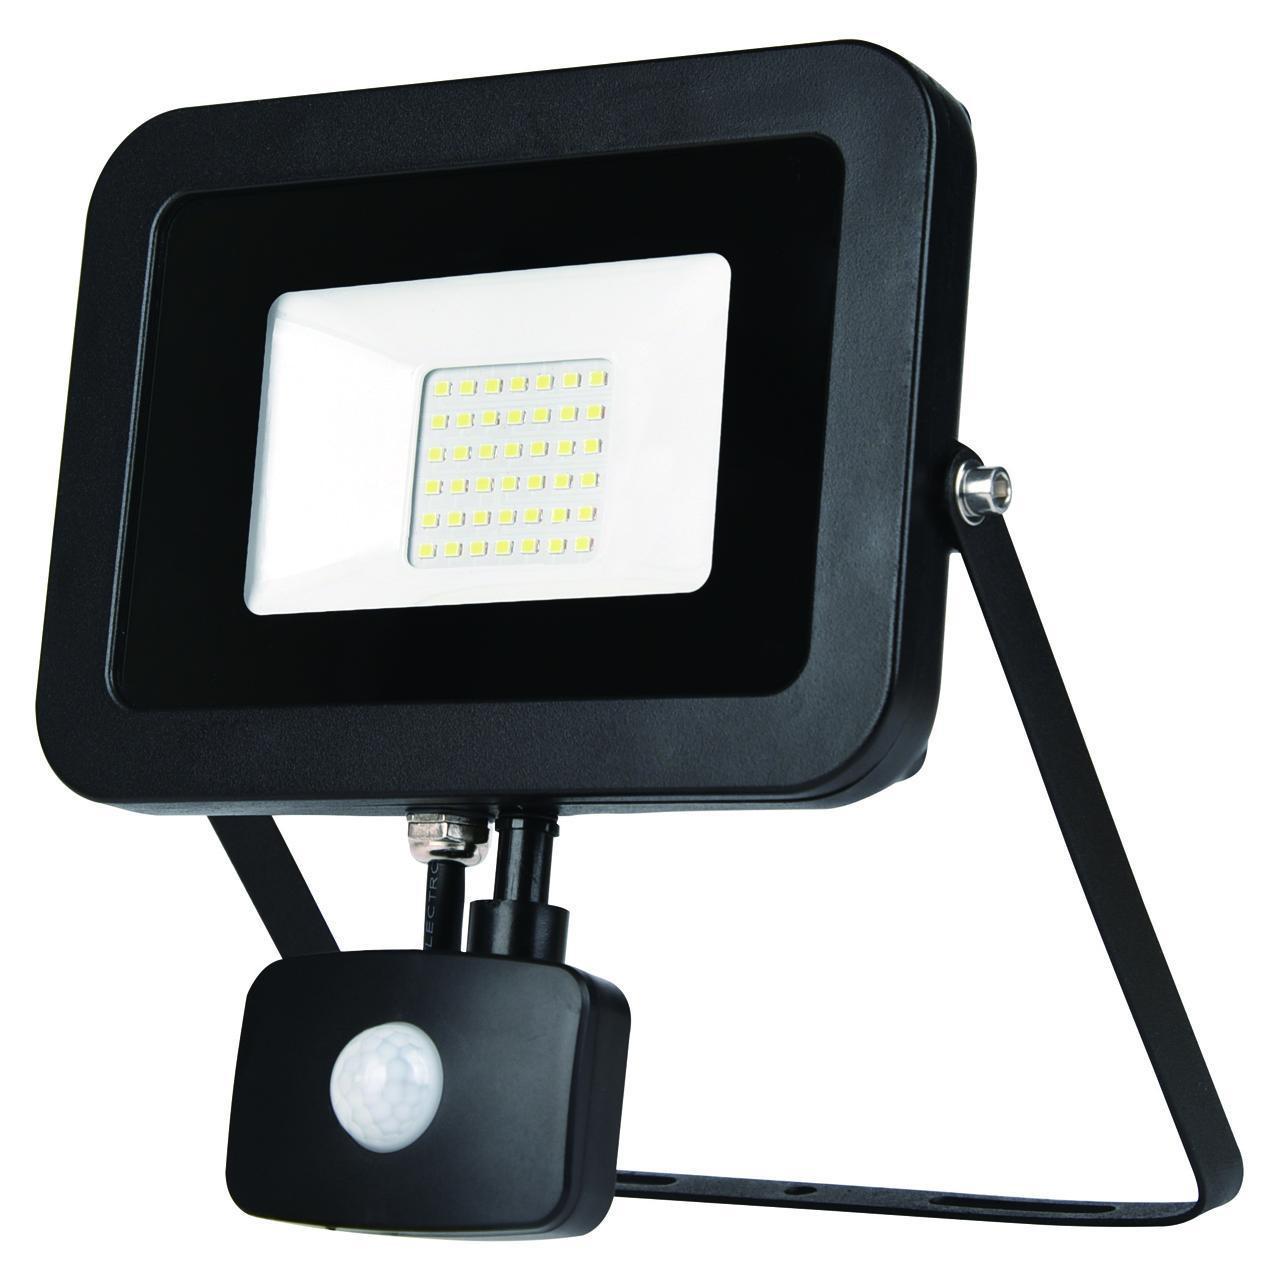 Прожектор Эра LPR-50-2700K-M-SEN SMD Eco Slim, 50 Вт прожектор светодиодный эра lpr 50 4000к м smd 8 96